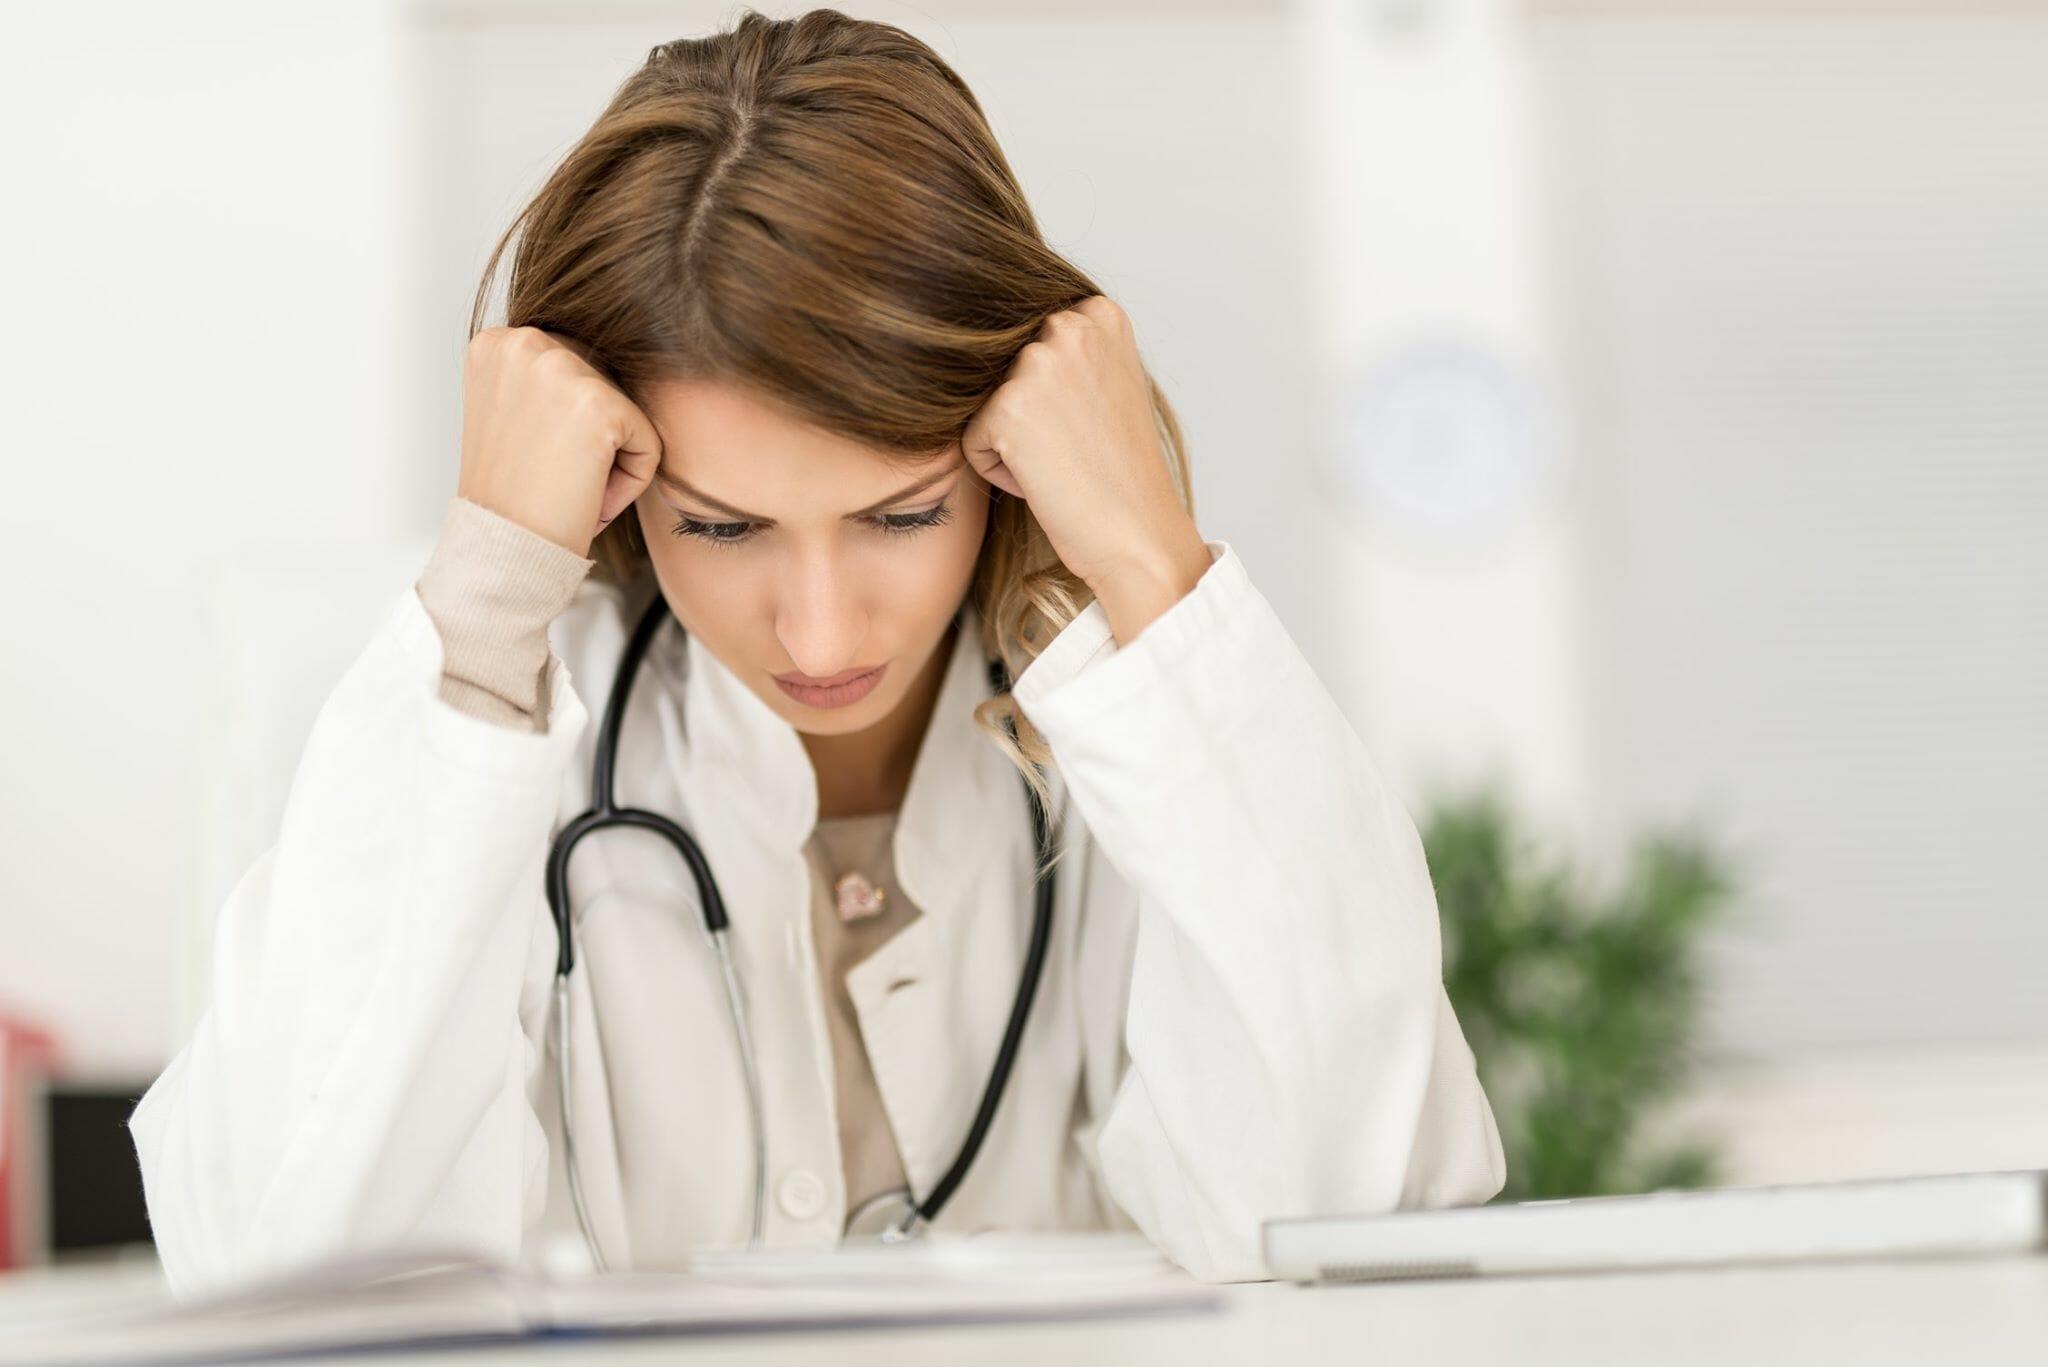 """רשלנות רפואית במחלת הסרטן ואונקולוגיה I עו""""ד נעמי קויפמן ניב I רשלנות רפואית"""